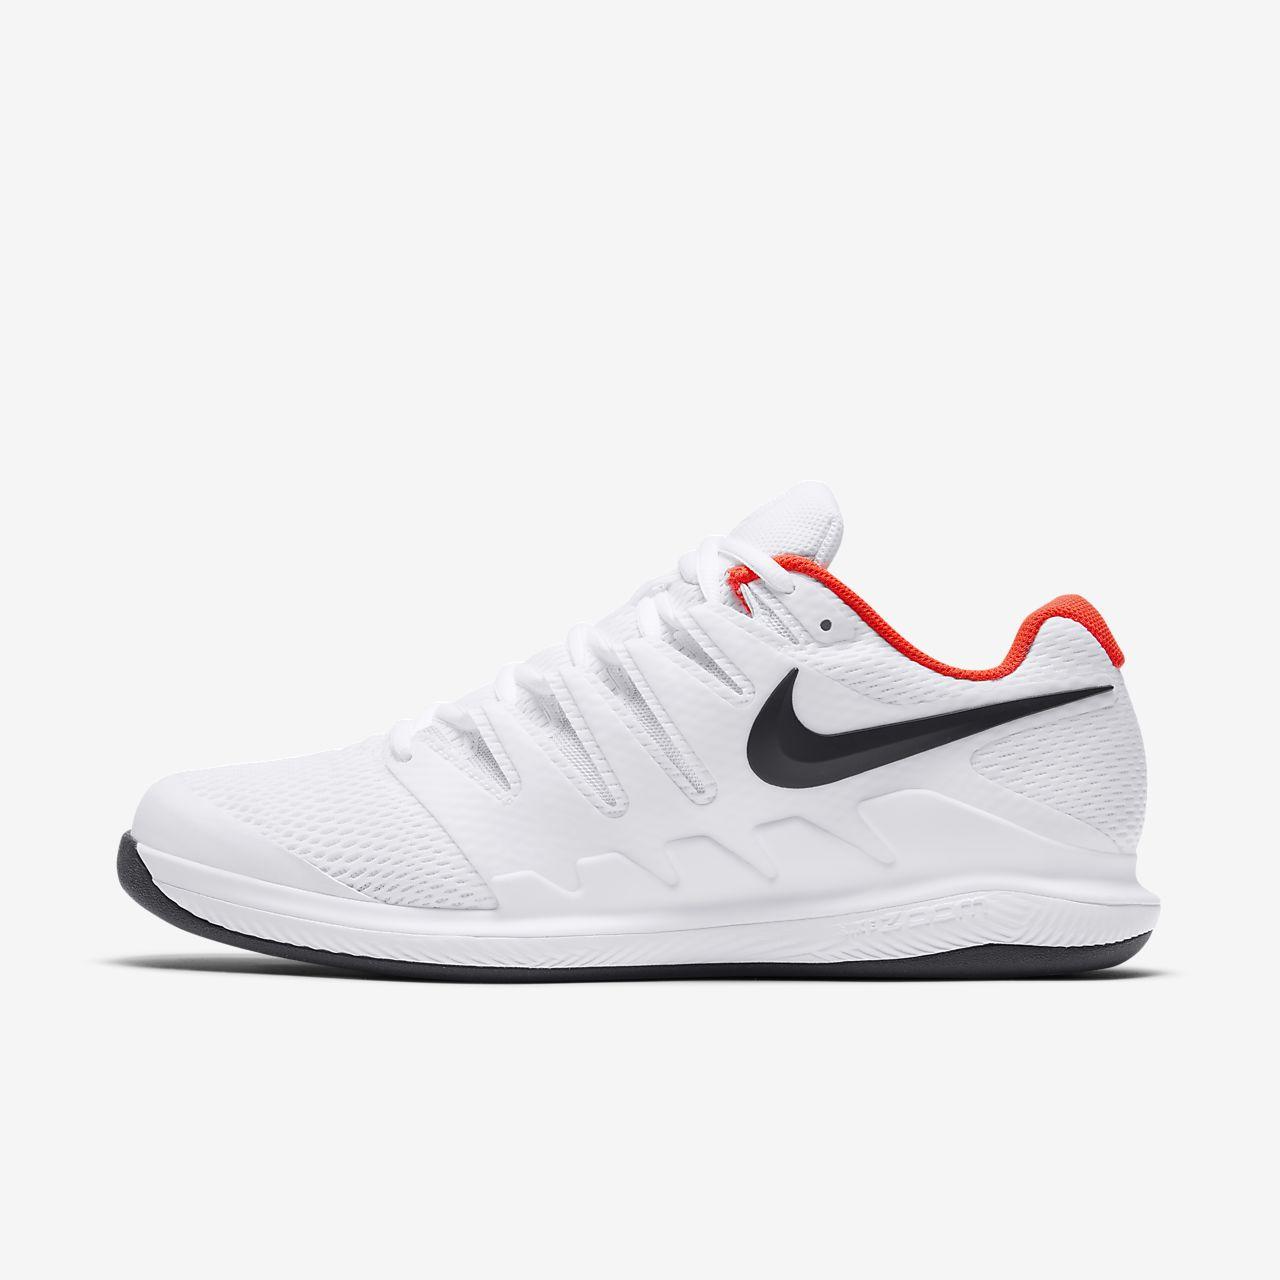 chaussures tennis homme nike air